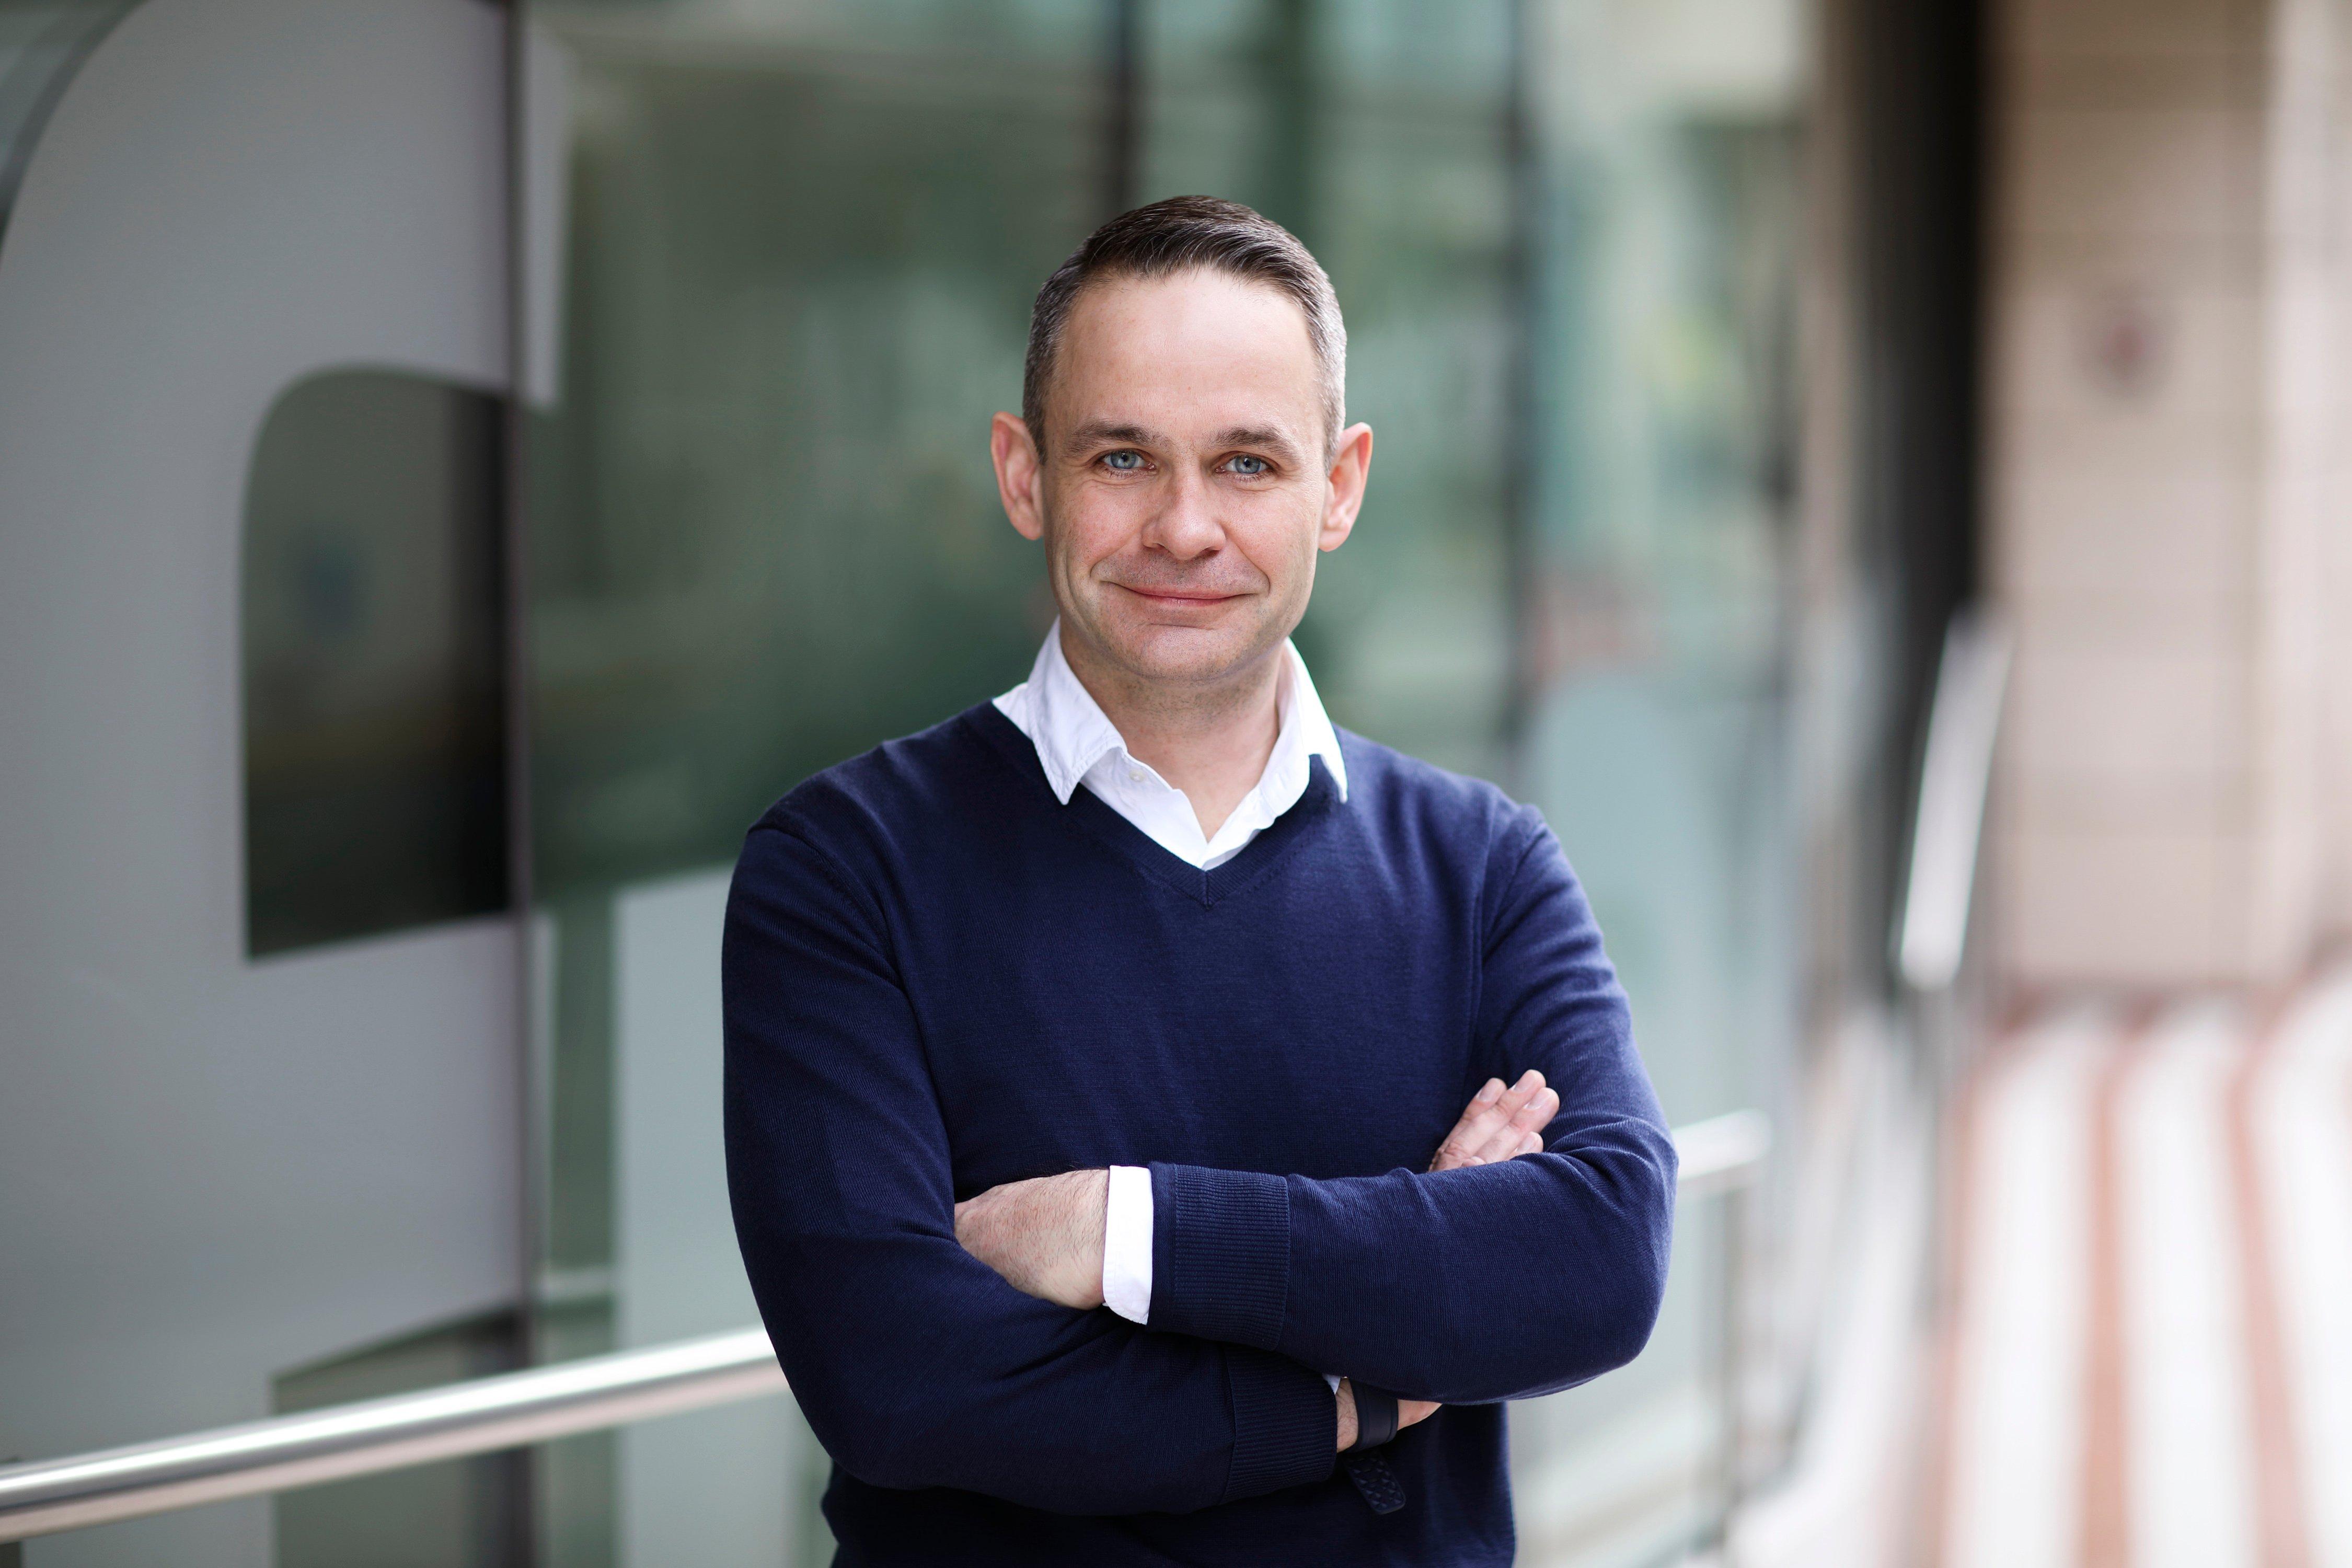 alistair-thom-managing-director-at-freesat